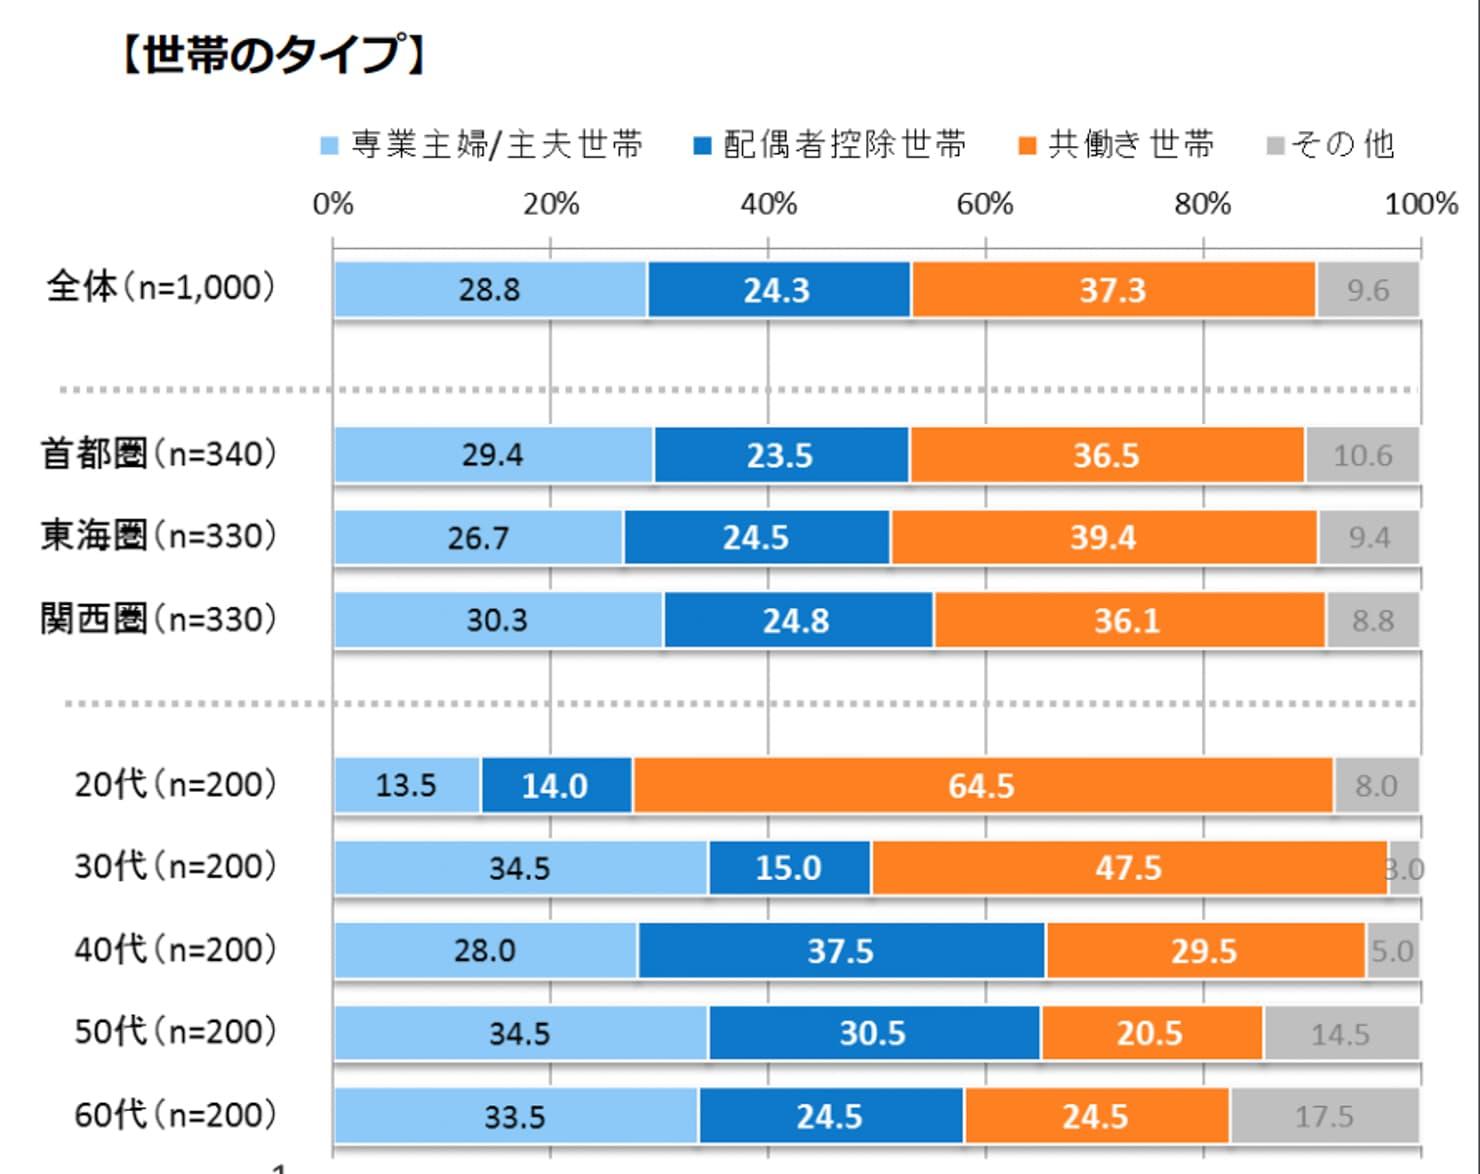 収入形態別の割合の世代間比較のグラフ